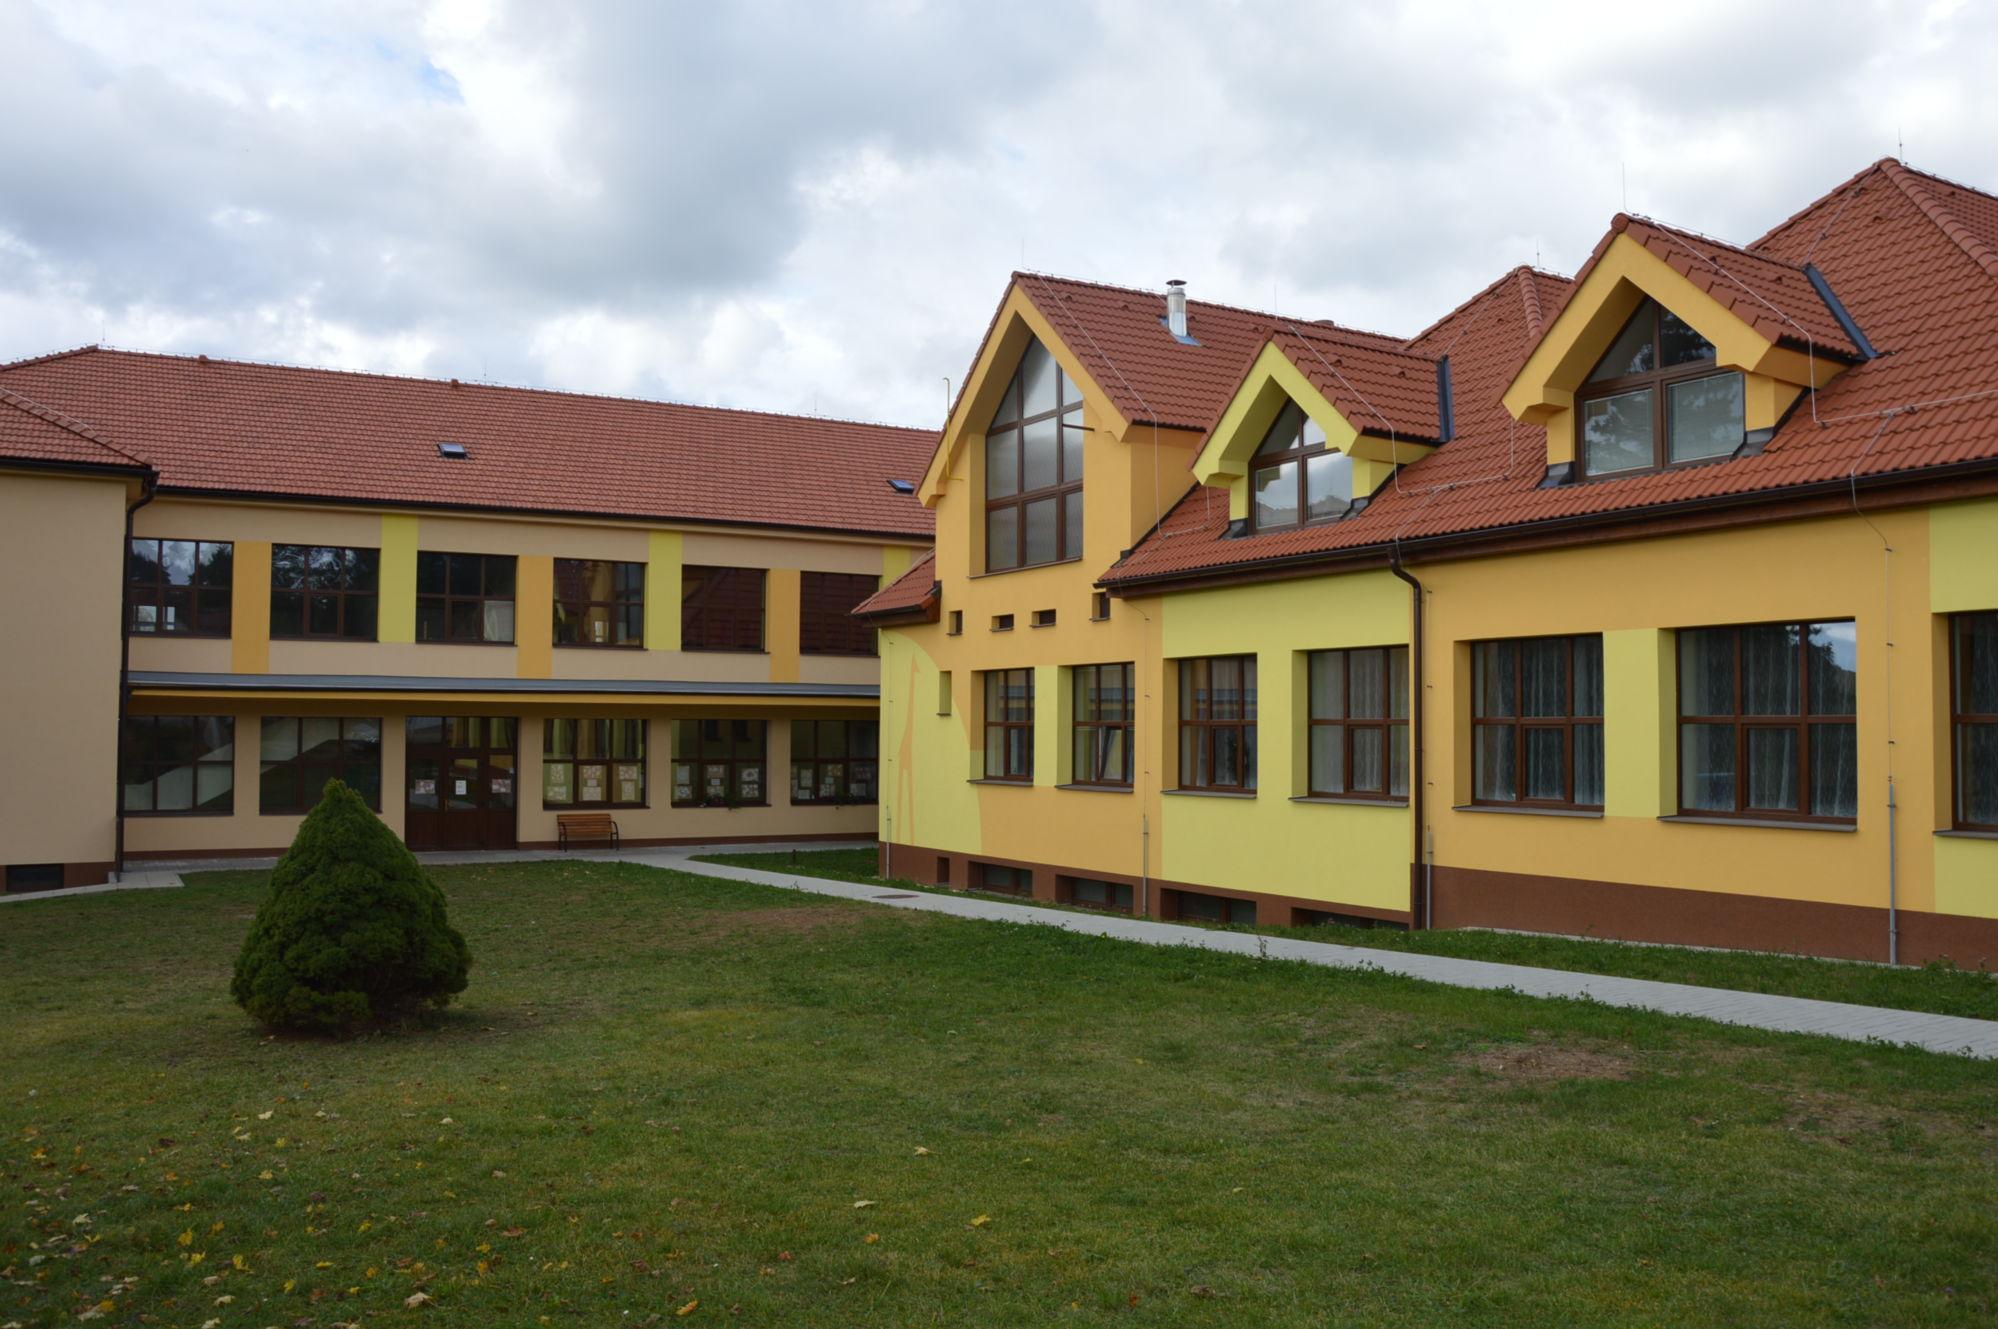 Základní a mateřská škola rodinného typu v Chráněné krajinné oblasti Blaník u Benešova